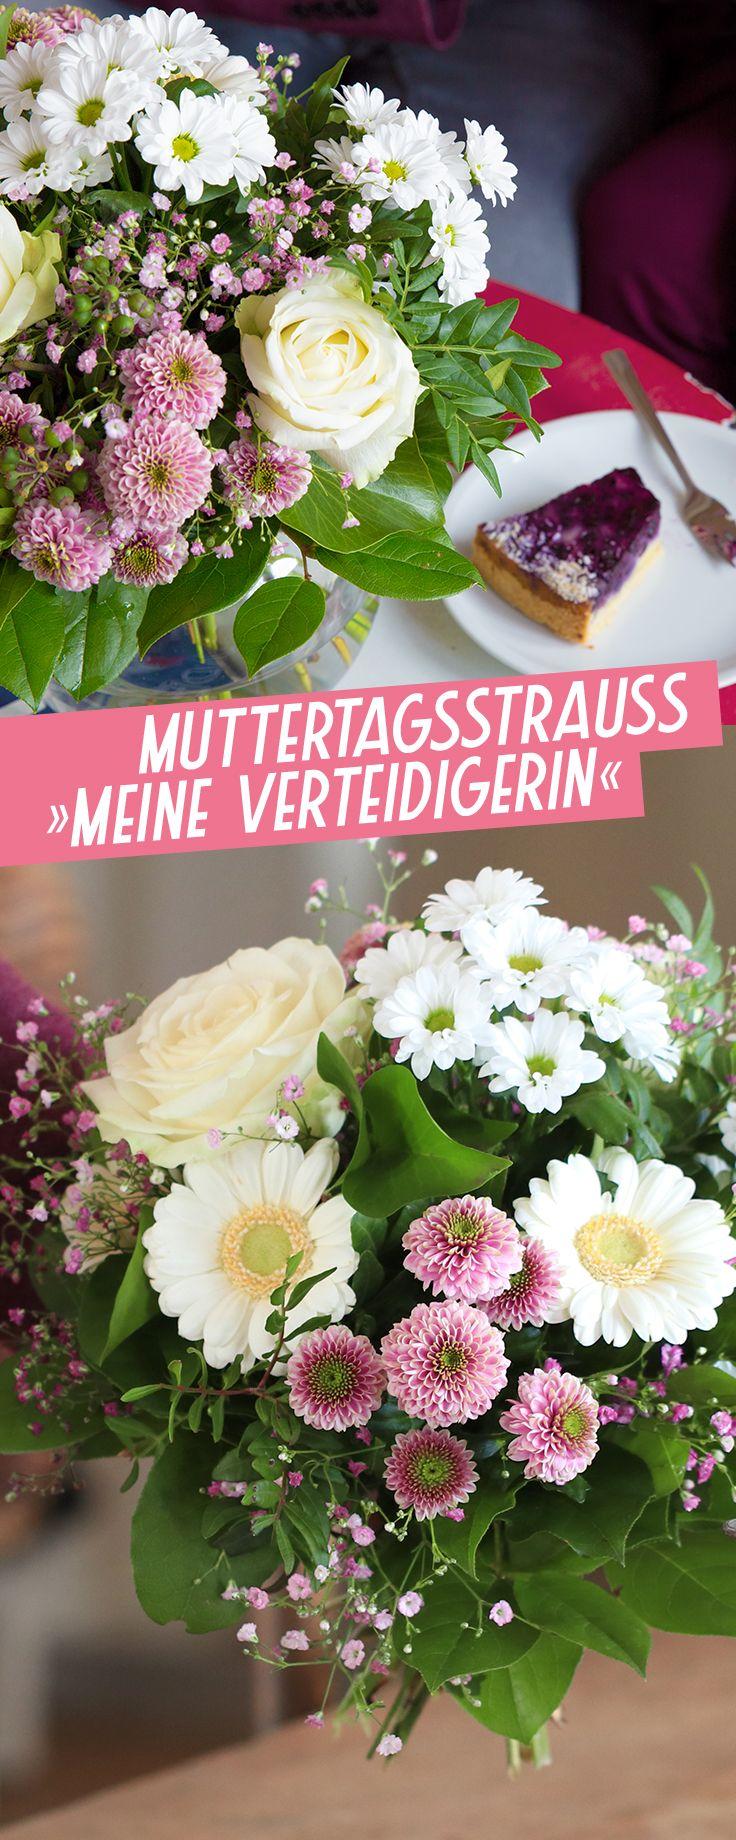 Muttertagsstrauß Meine Verteidigerin Muttertag Blumen Online Blumen